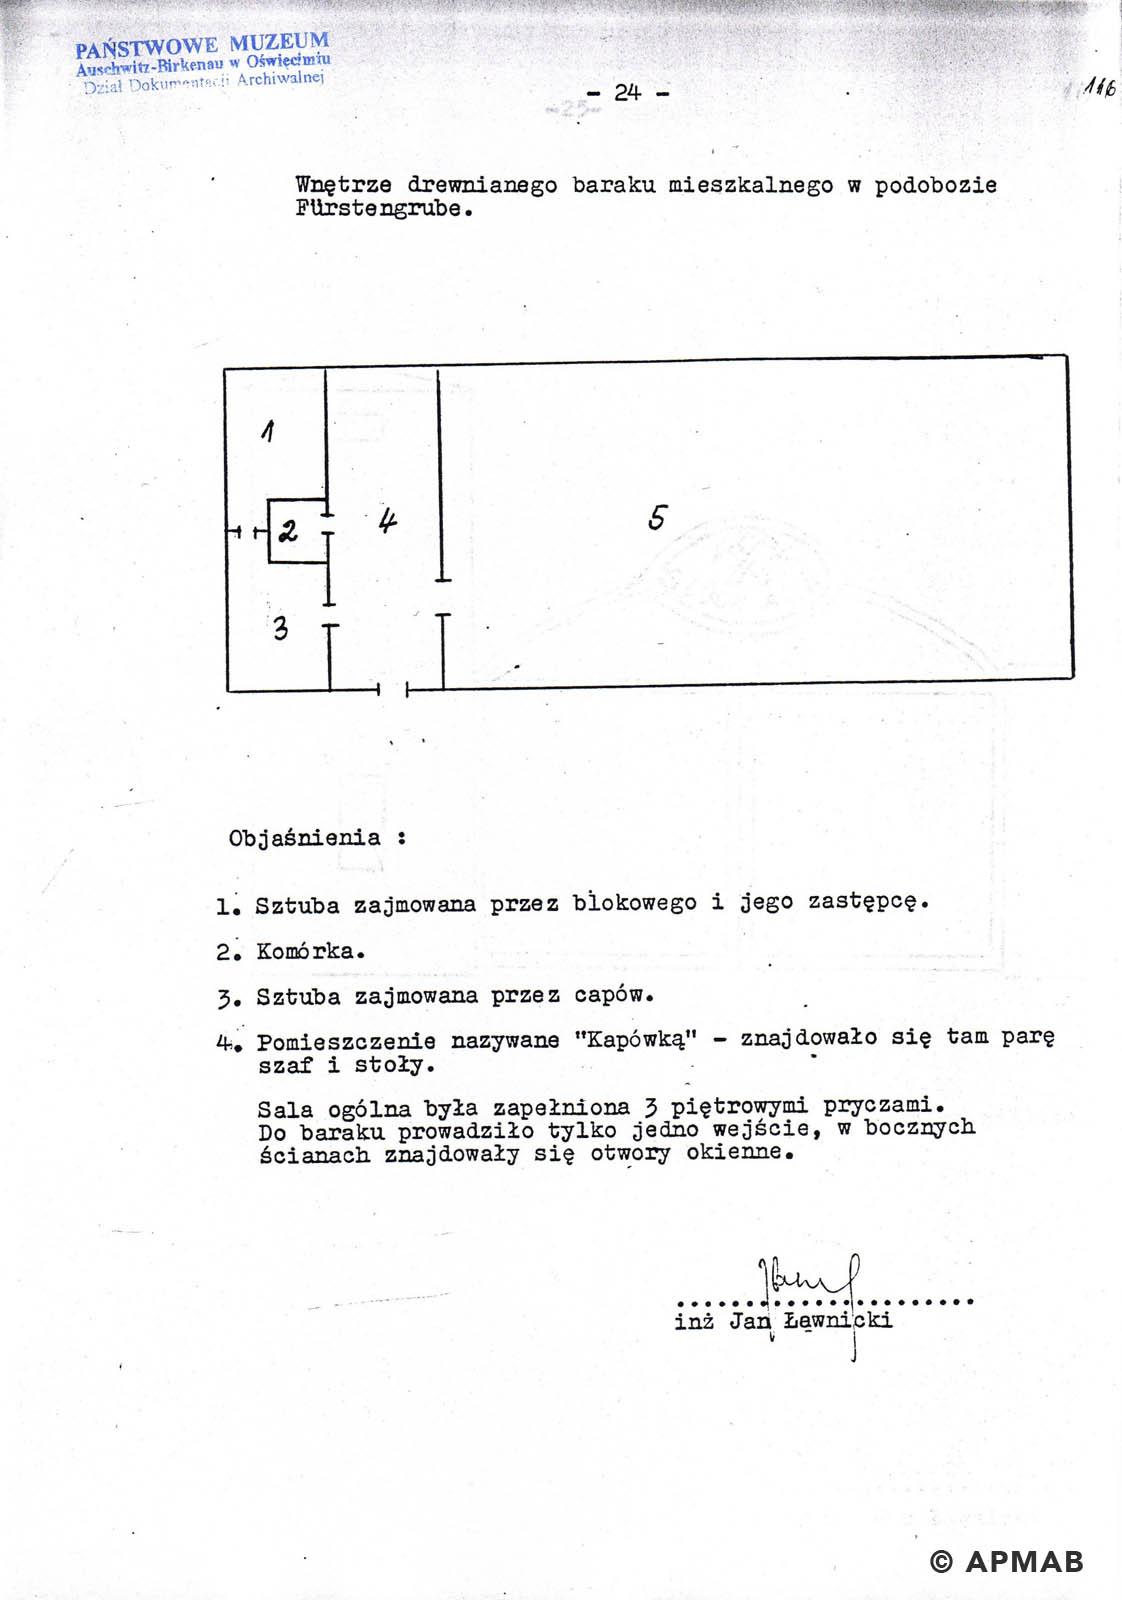 Former prisoner drawing of prisoner accomodation barrack in Fürstengrube sub camp. APMAB